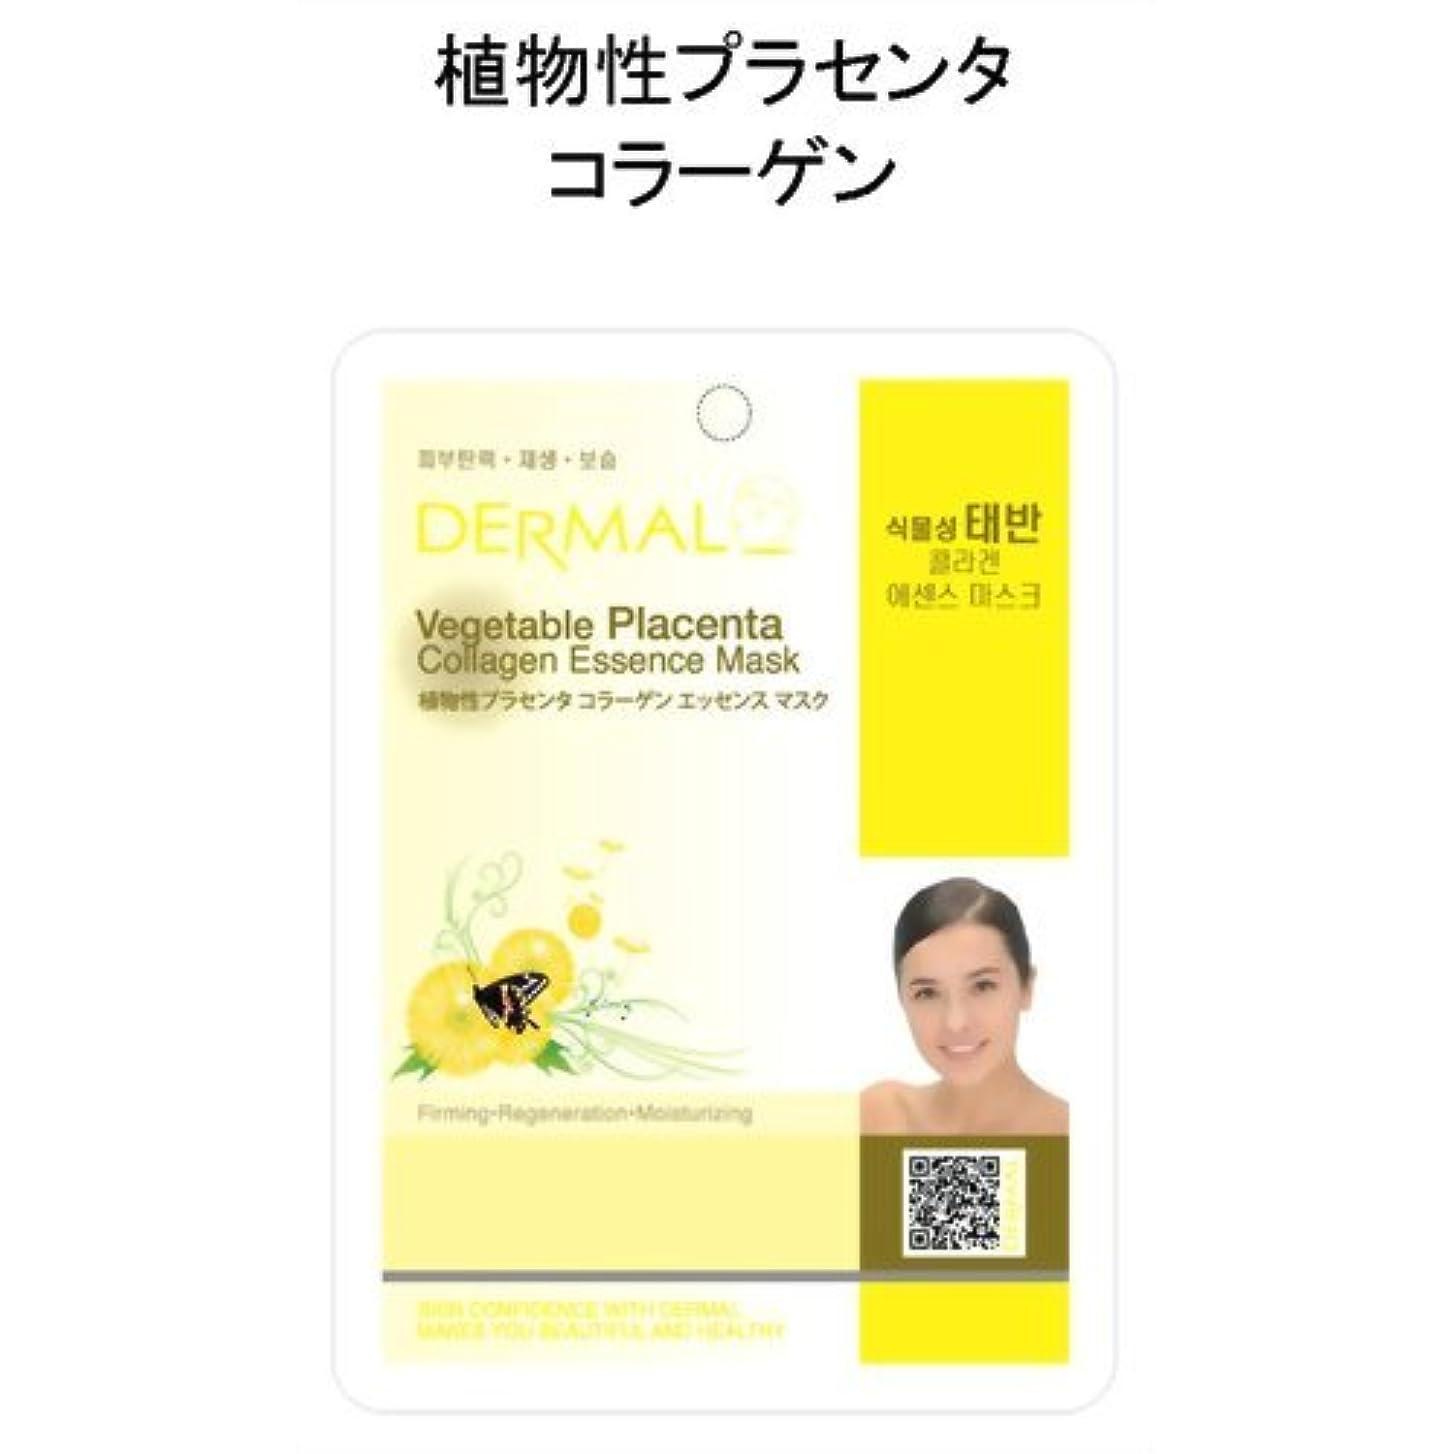 開いたメトロポリタン特許新DERMAL ダーマル シートマスク 植物プラセンタコラーゲン 人気韓国パック